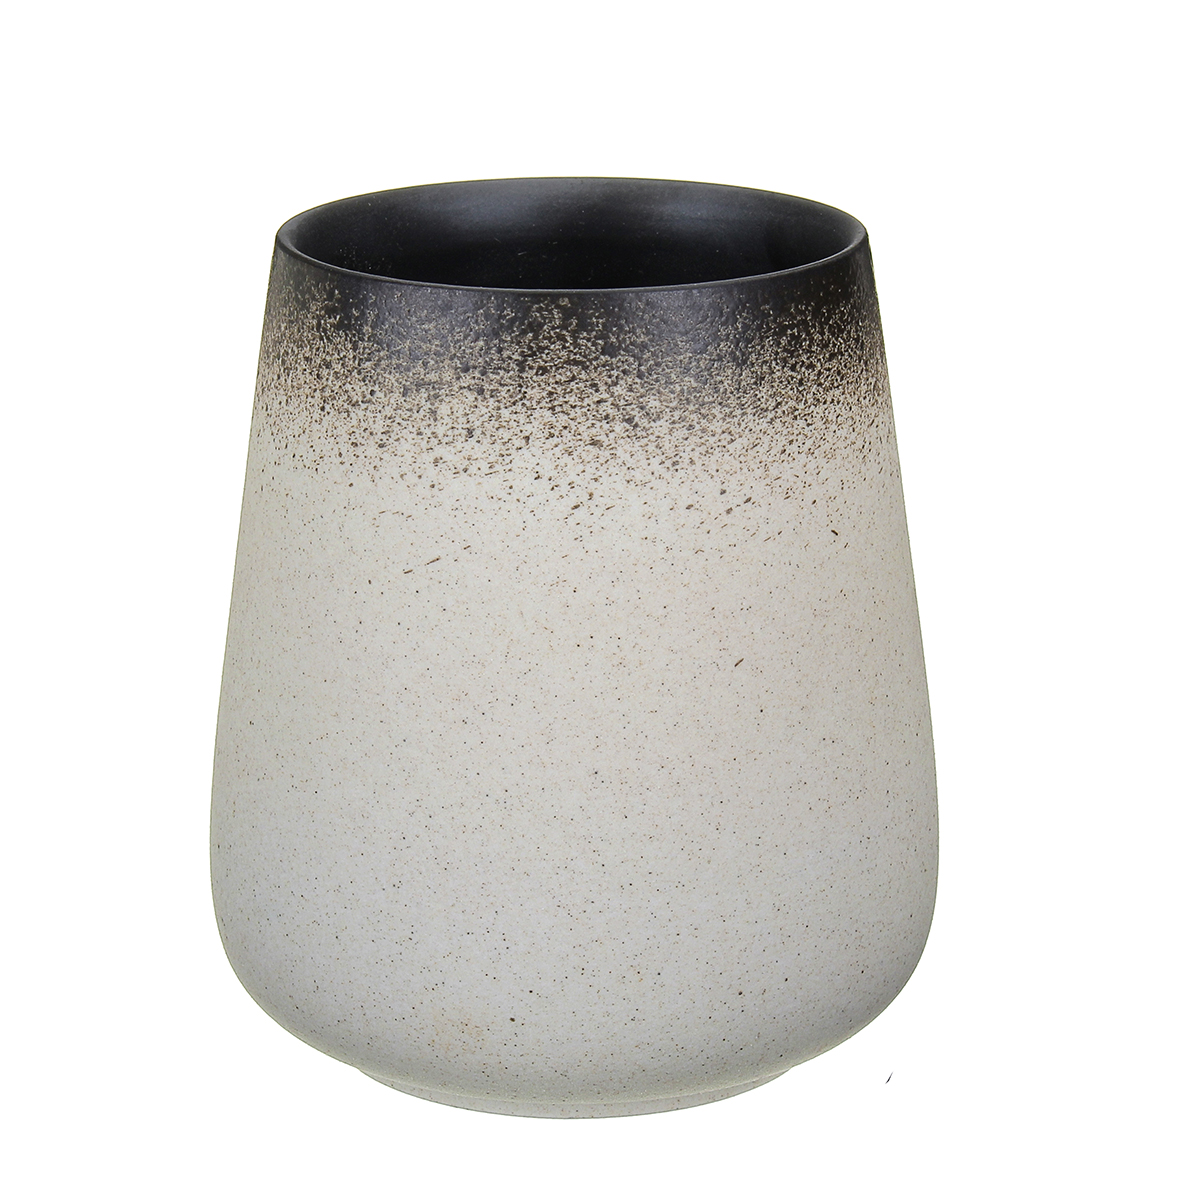 Vintage Japanese Ceramic Mug Coarse Pottery Coffee Cup Handmade Mug Milk Tea Cup